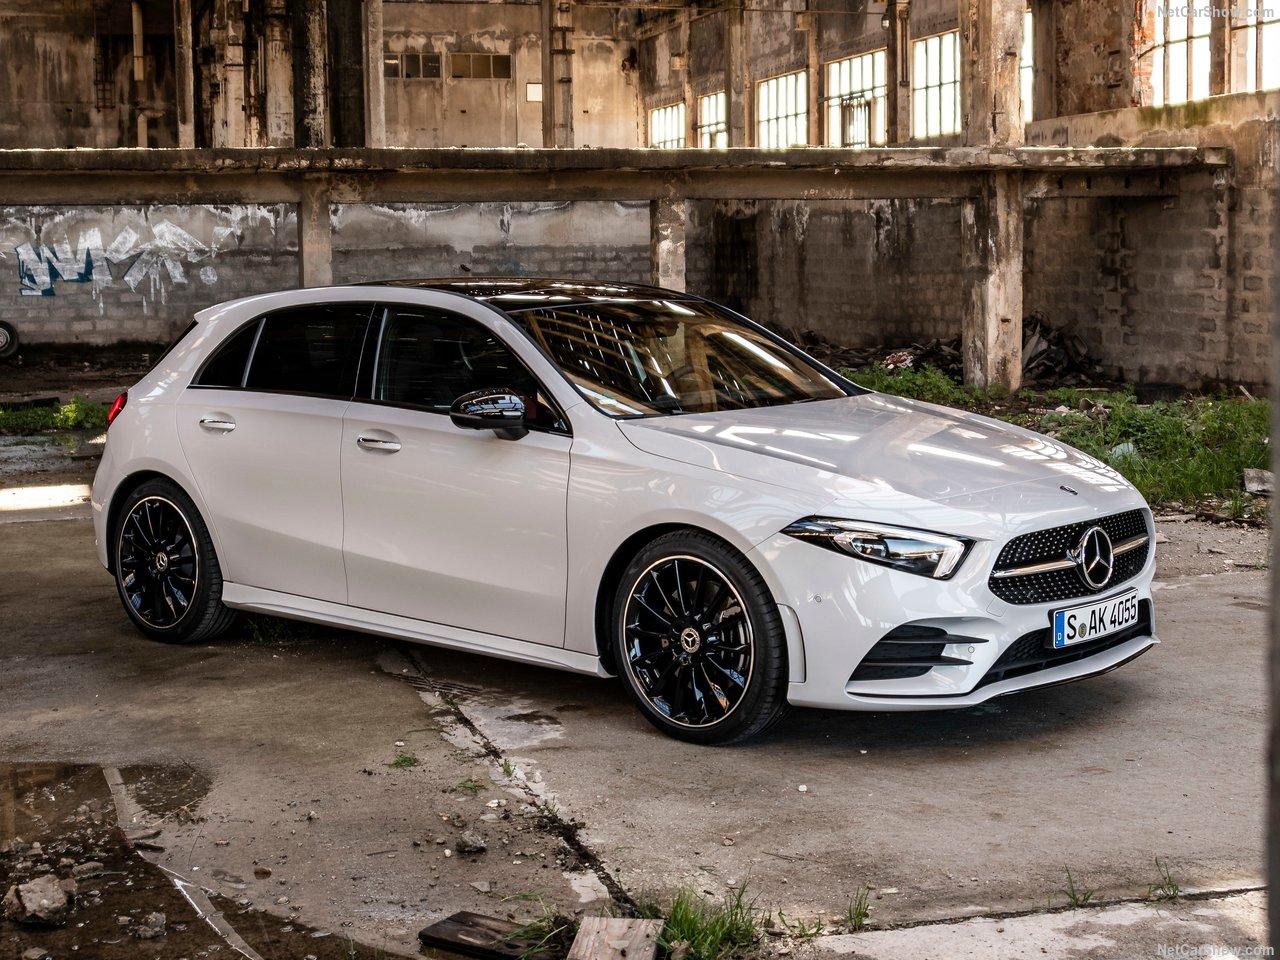 Witte Mercedes A-klasse voor een gesloopt pand